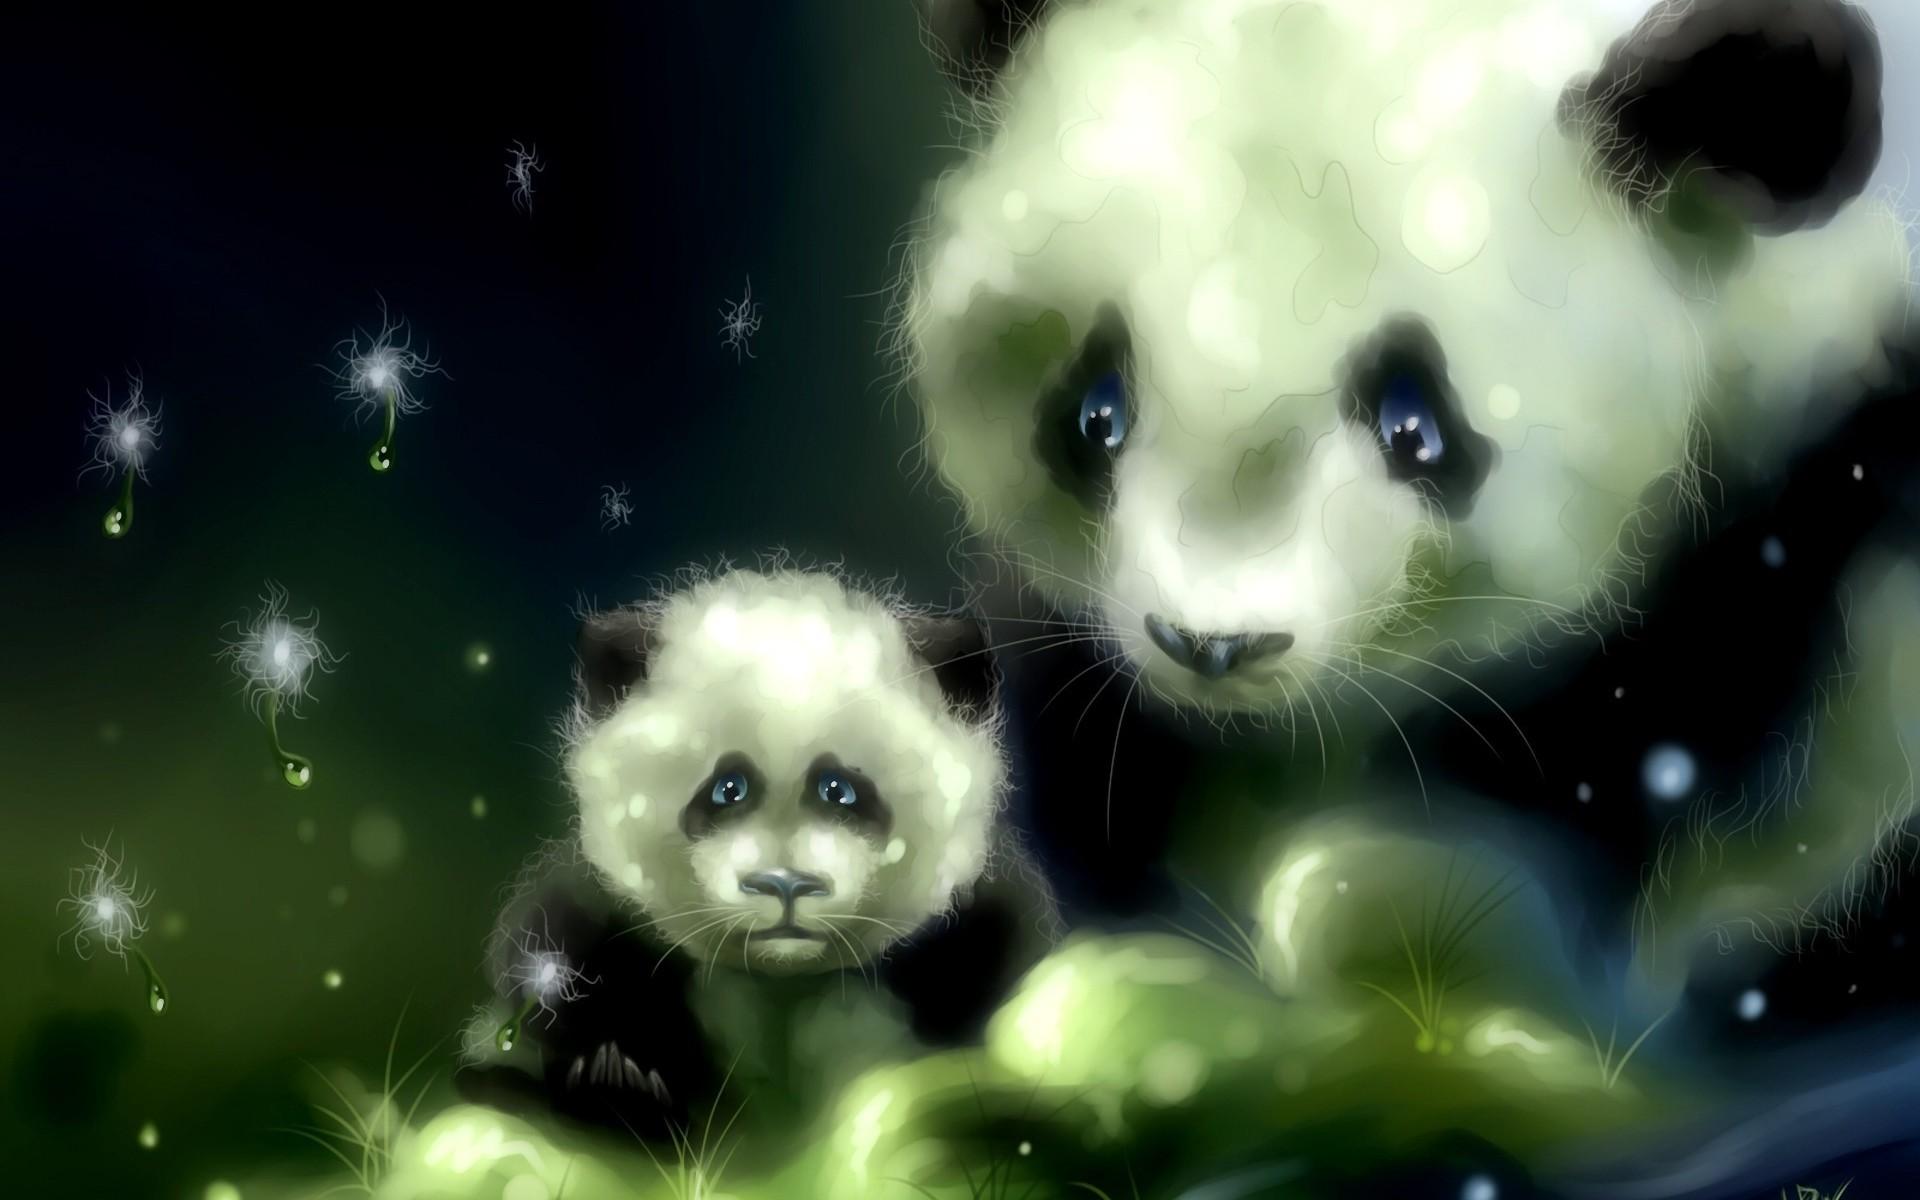 миленькие панды  № 3356286 бесплатно